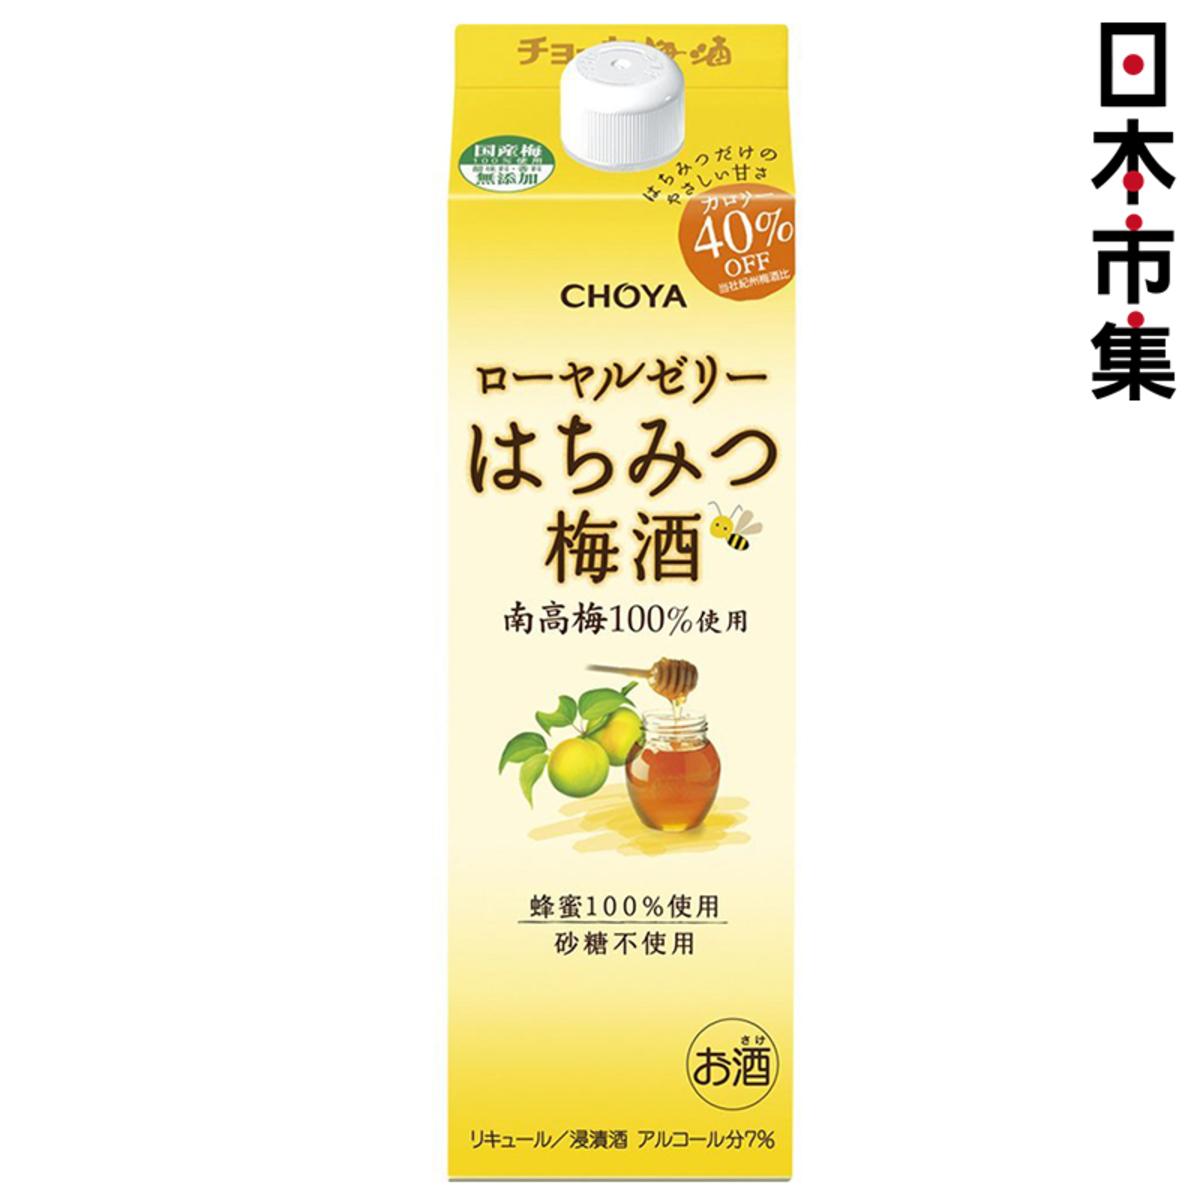 日版 Choya 蜂王漿蜂蜜梅酒紙盒裝 1000ml Umeshu【市集世界 - 日本市集】